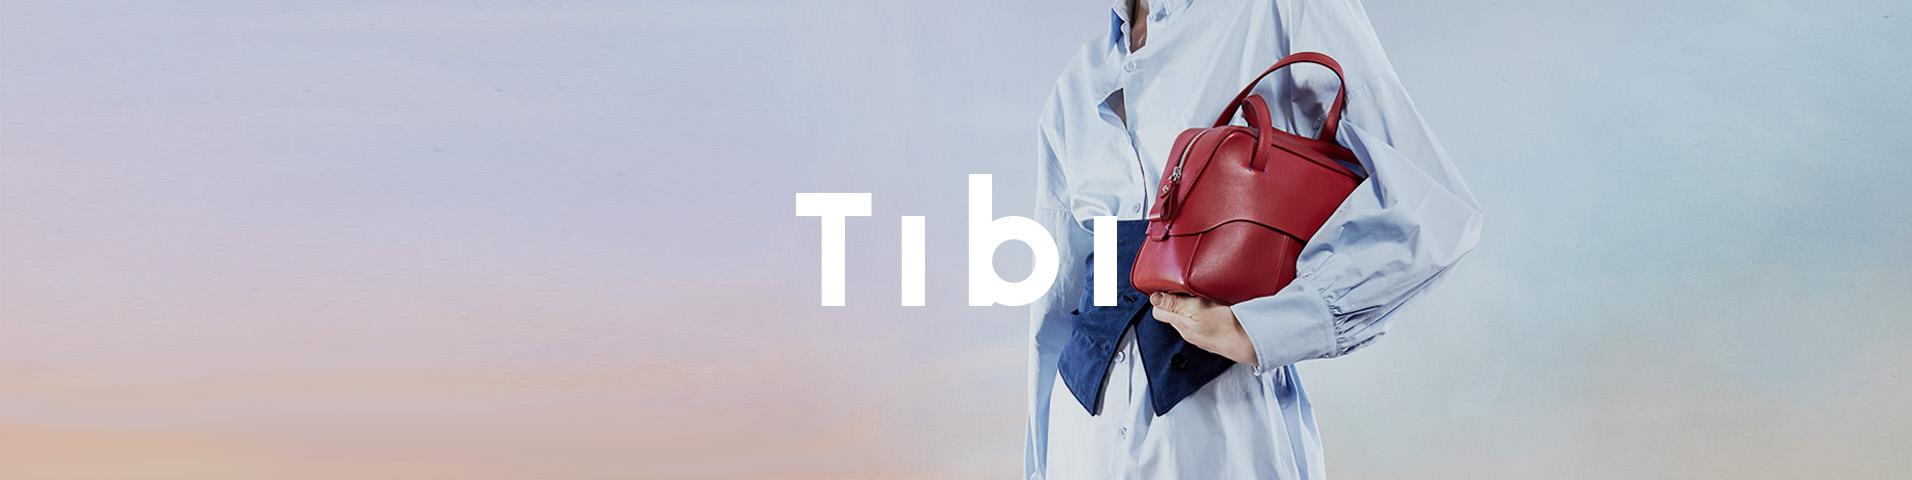 Szare Moda damska Tibi w promocji | Tanie buty, ubrania i